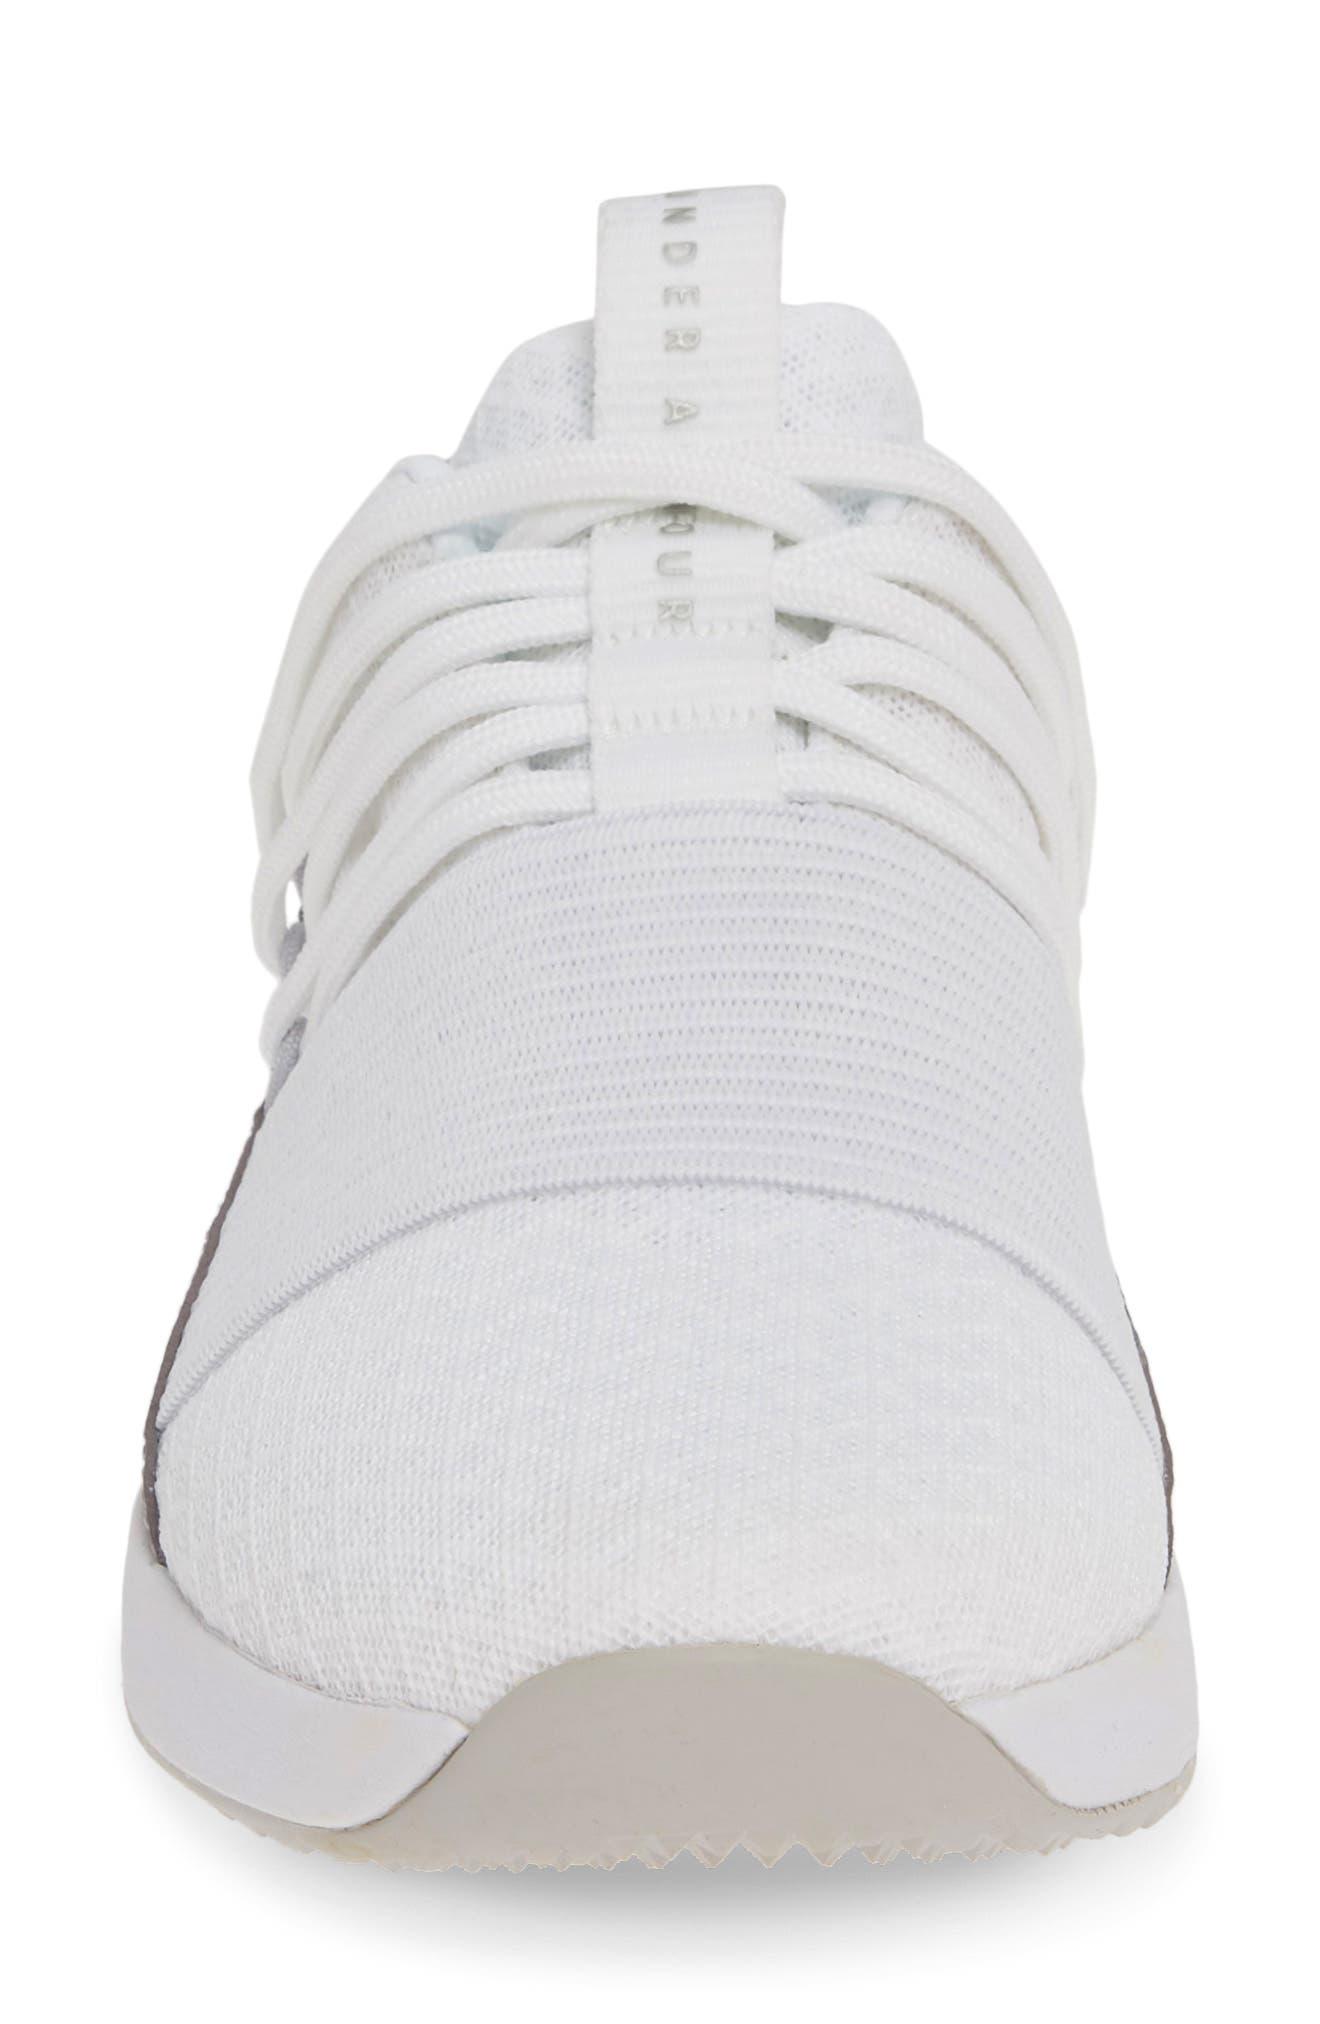 UNDER ARMOUR,                             Breathe Lace X NM Sneaker,                             Alternate thumbnail 4, color,                             WHITE/ WHITE/ METALLIC BLUSH